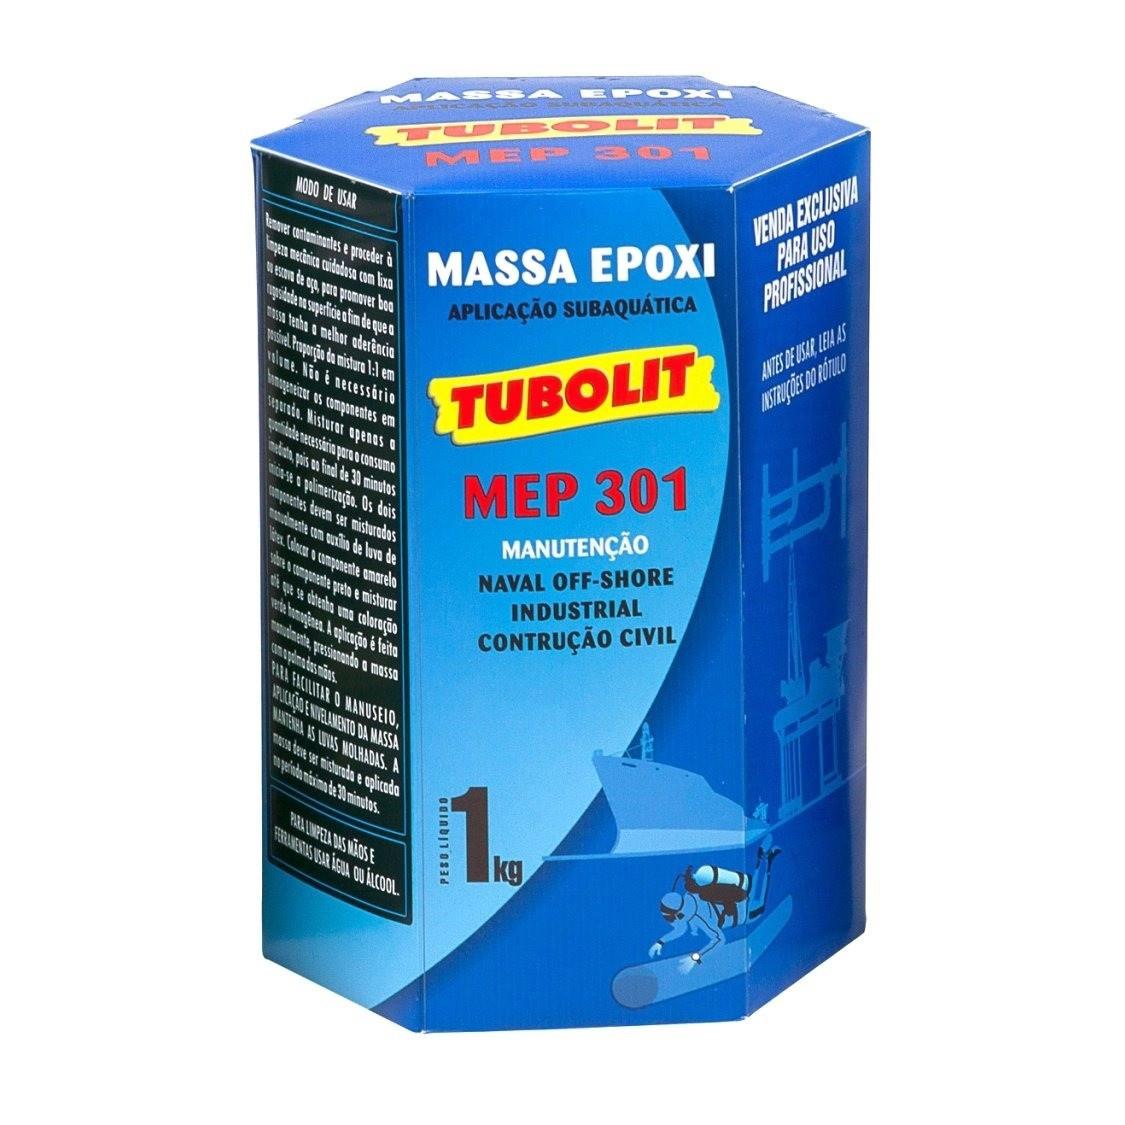 Massa Epoxi Tubolit - 1kg